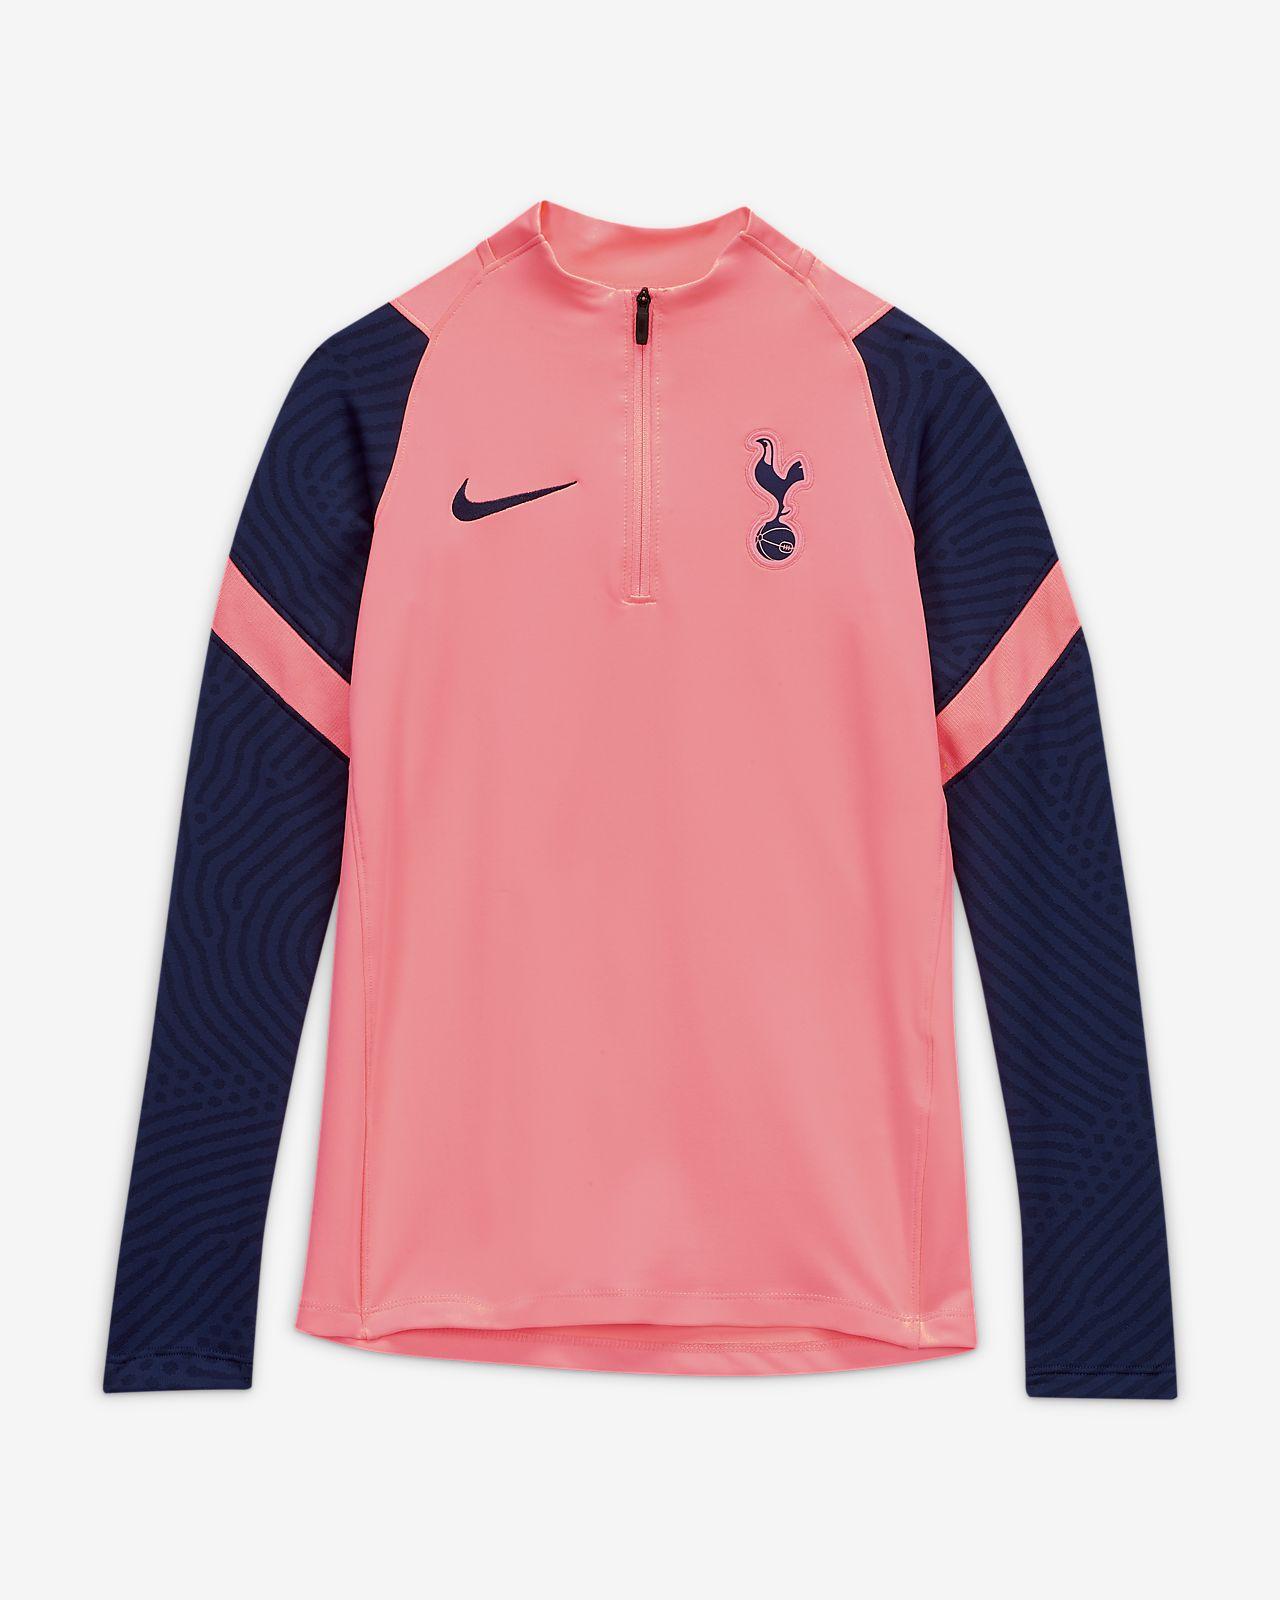 Prenda para la parte superior de entrenamiento de fútbol para niños talla grande Tottenham Hotspur Strike